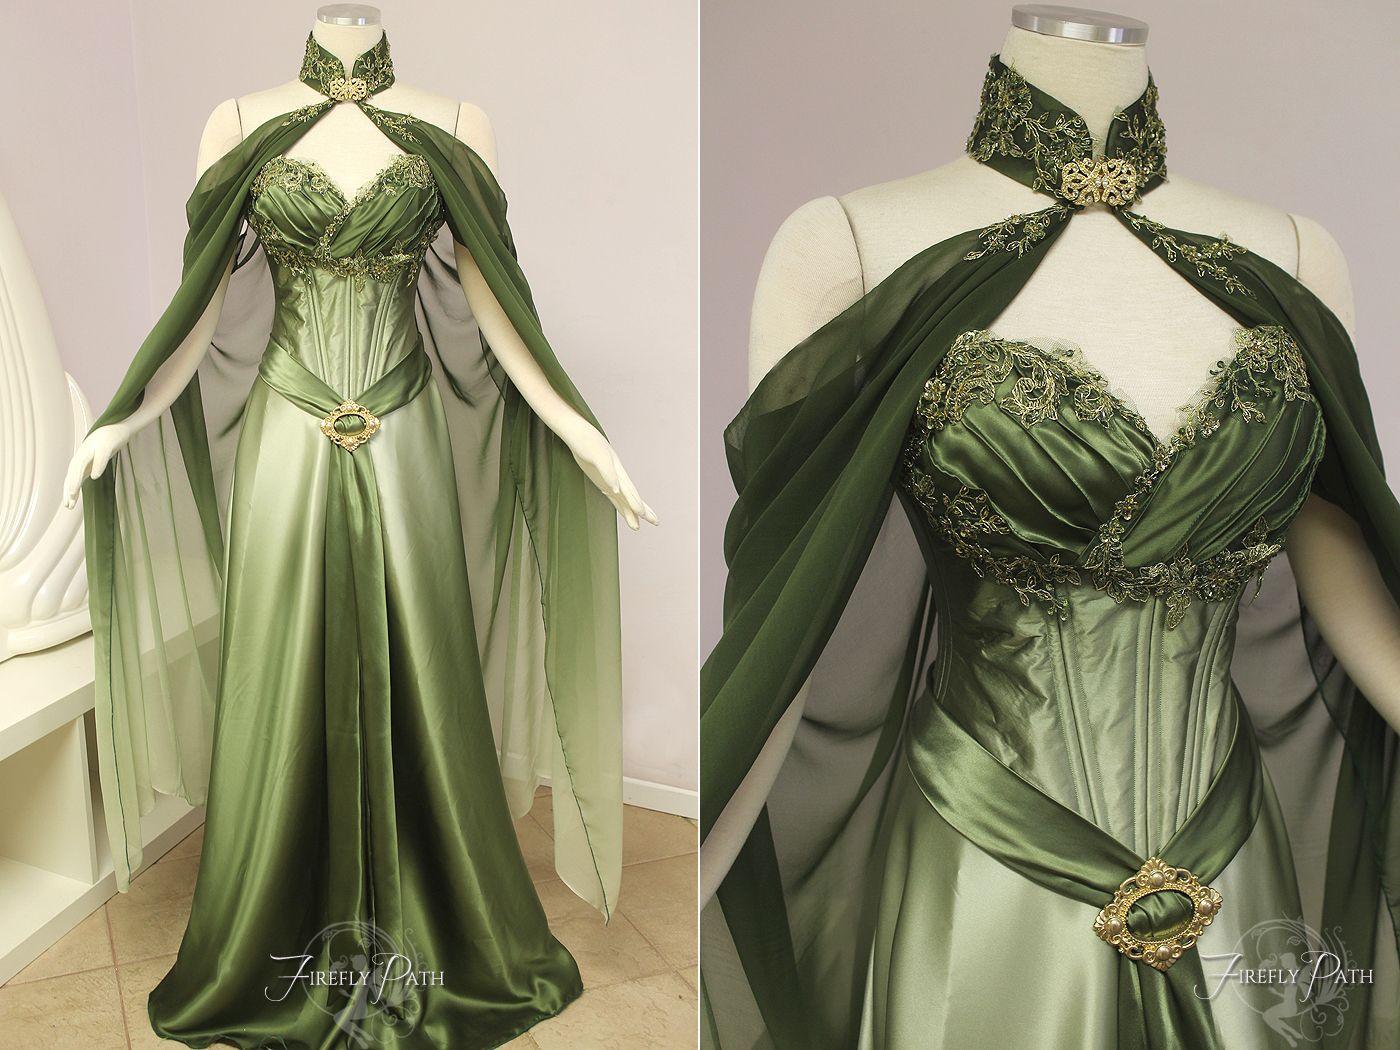 Elven Bridal Gown by Lillyxandra female elf fey fashion